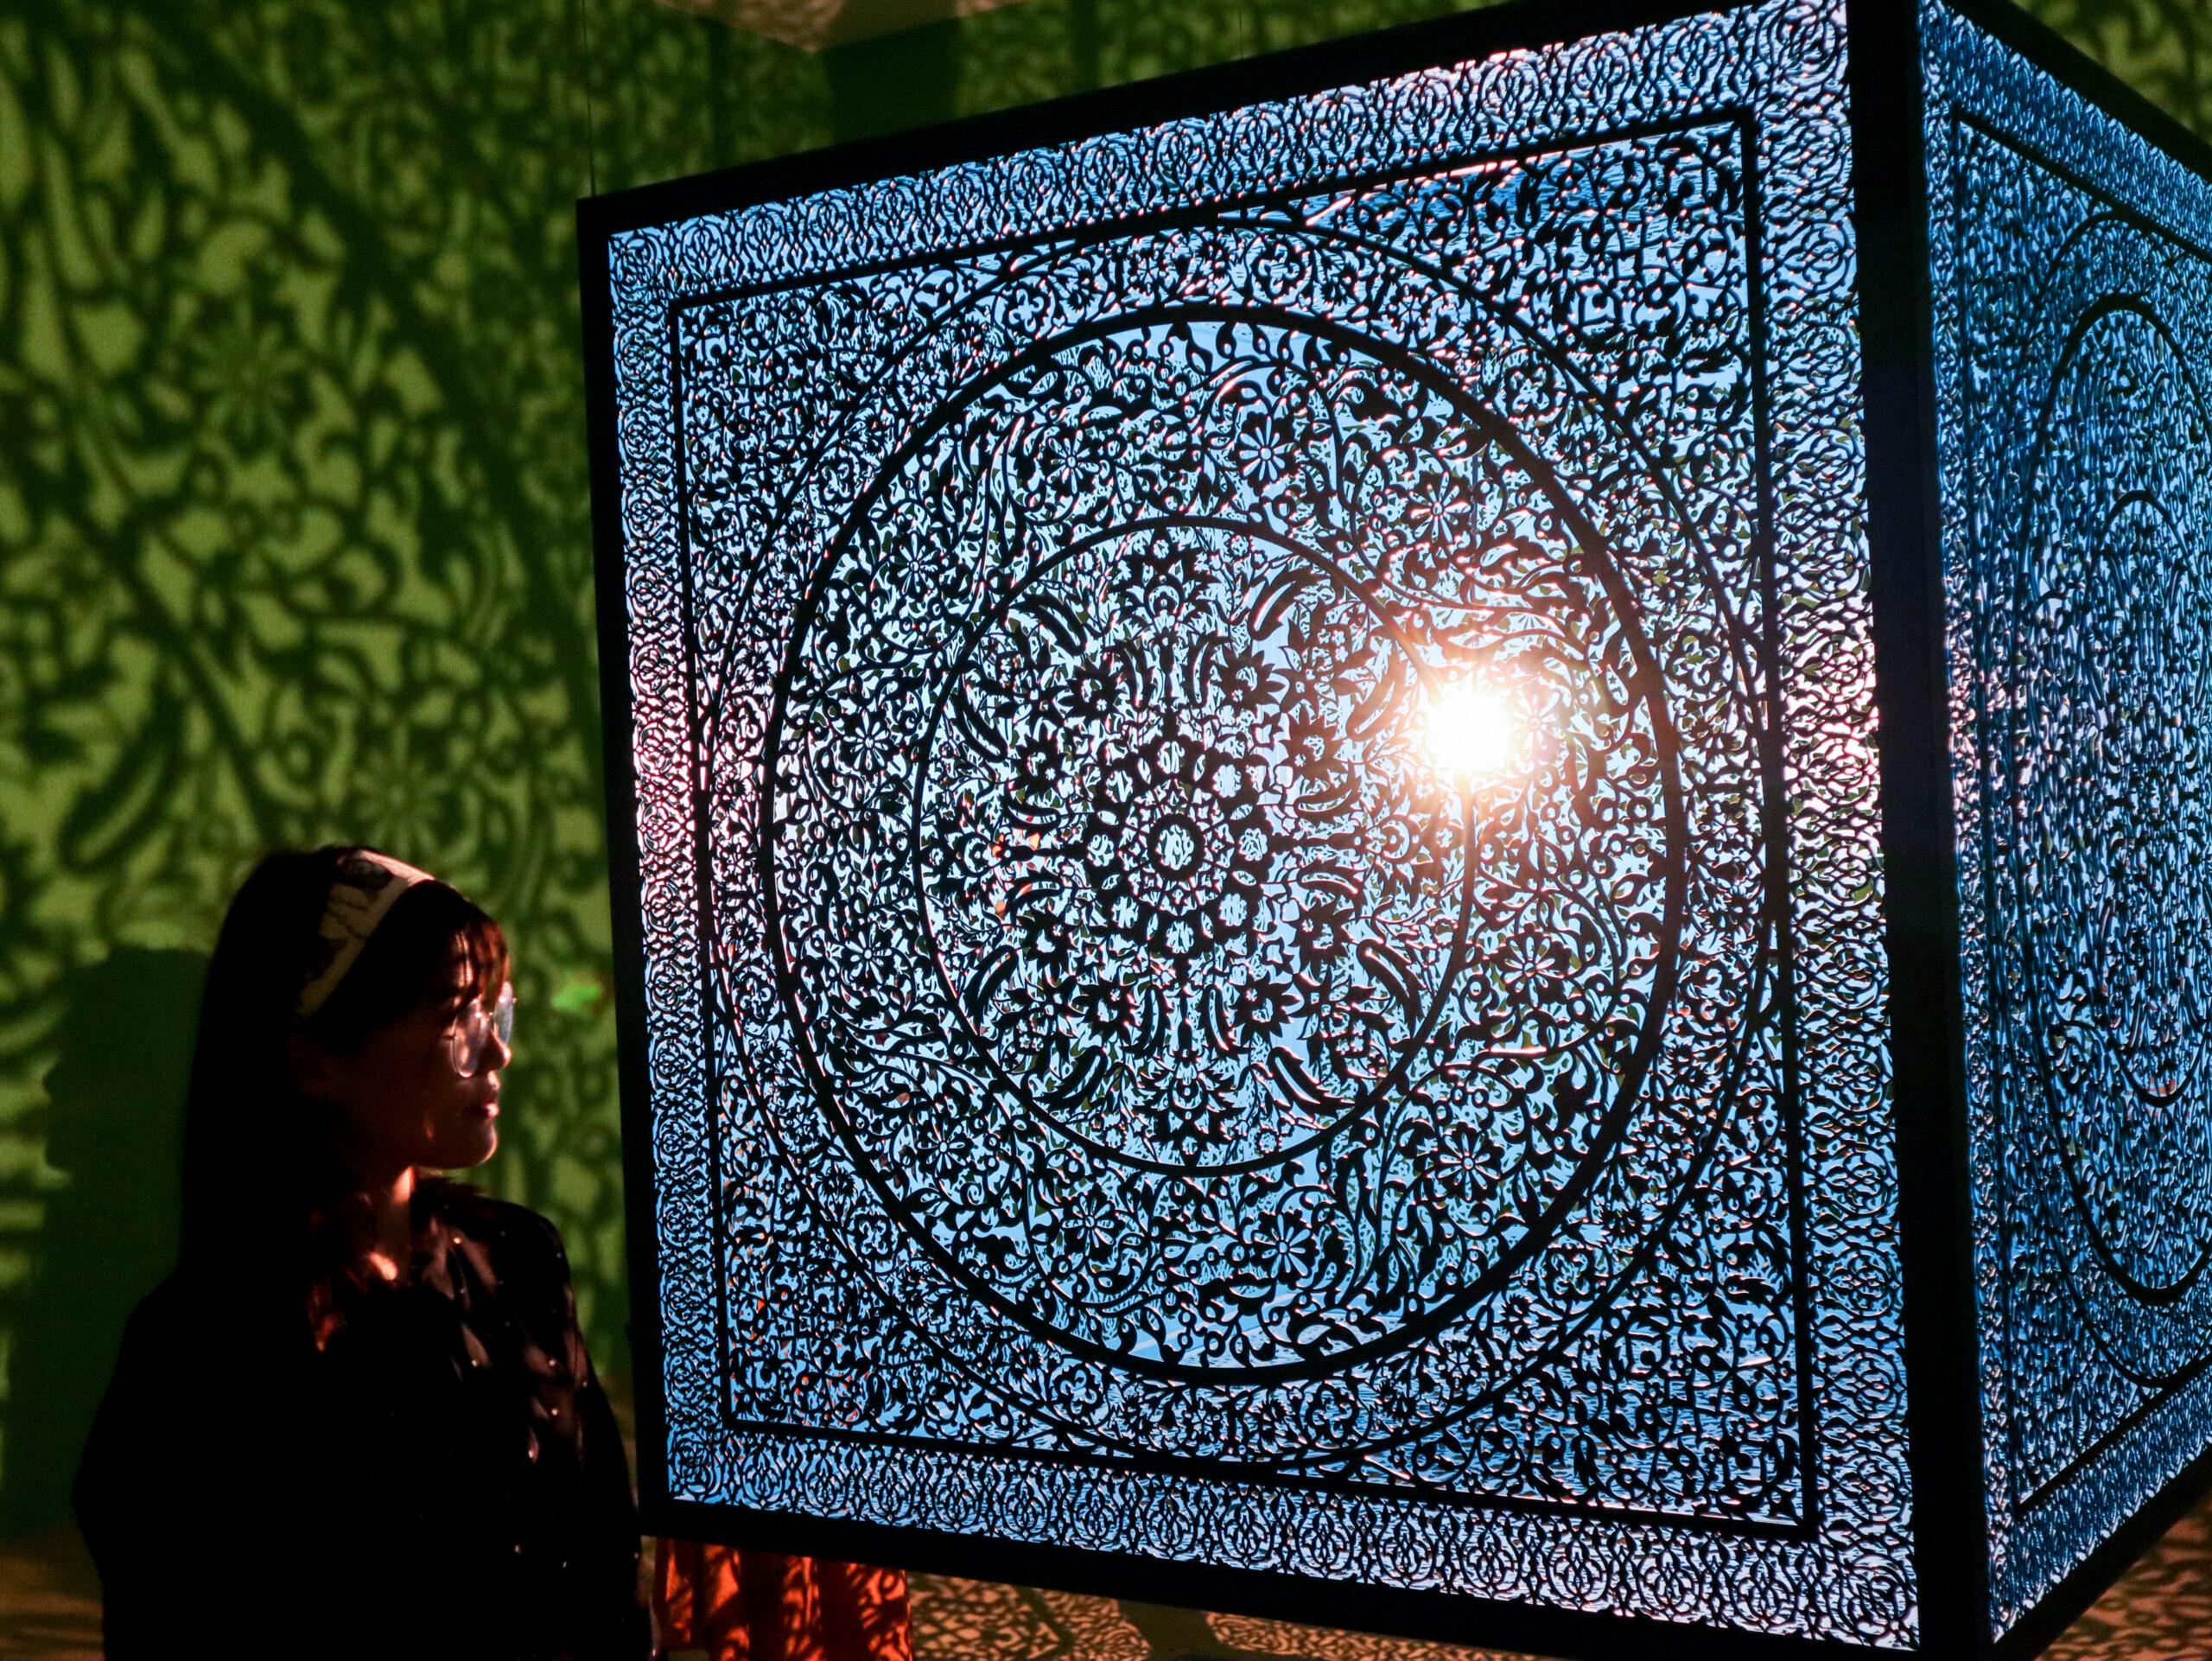 台南 奇美博物館 魔幻影子展 展覽介紹 有影無影?